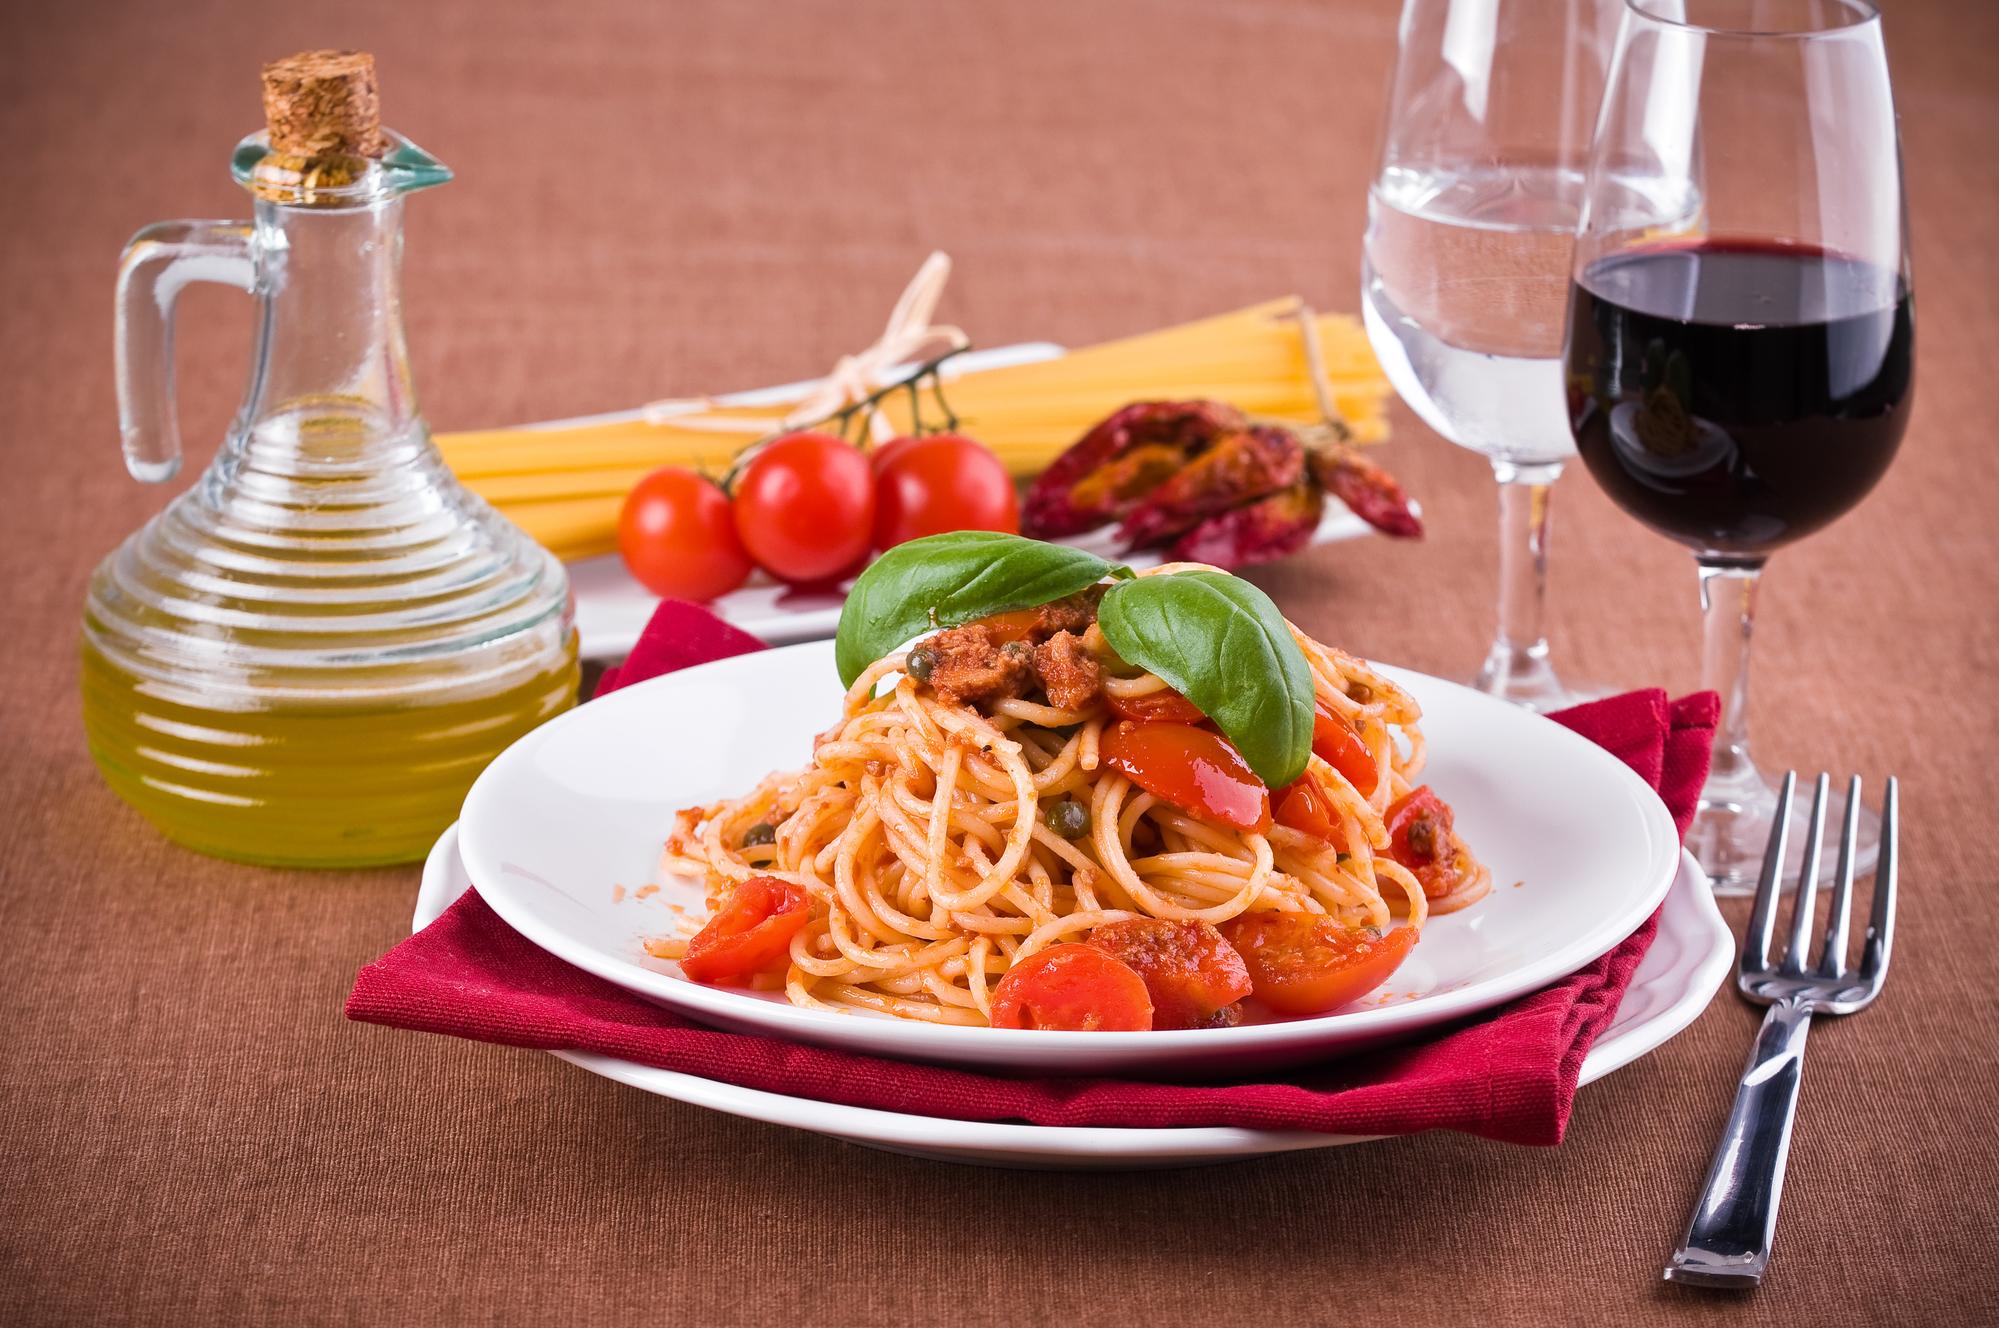 Рецепт на обед: паста с тунцом и овощами